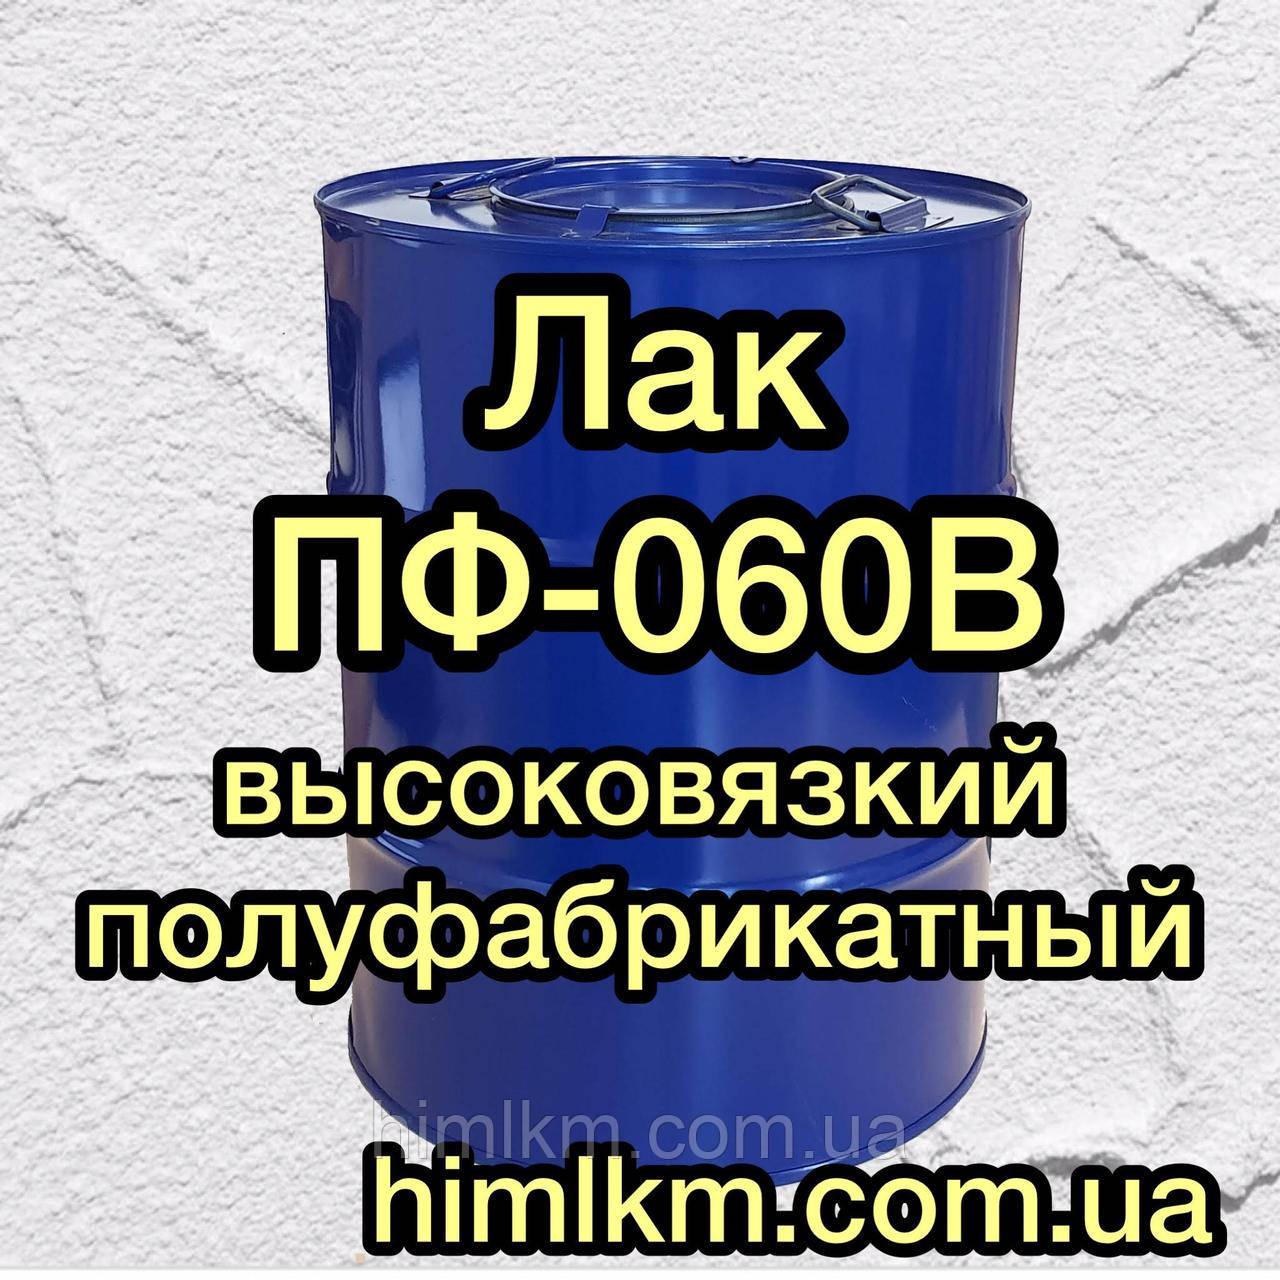 Лак напівфабрикатний ПФ-060В (високов'язкий) для застосування лакофарбових матеріалів, 45кг